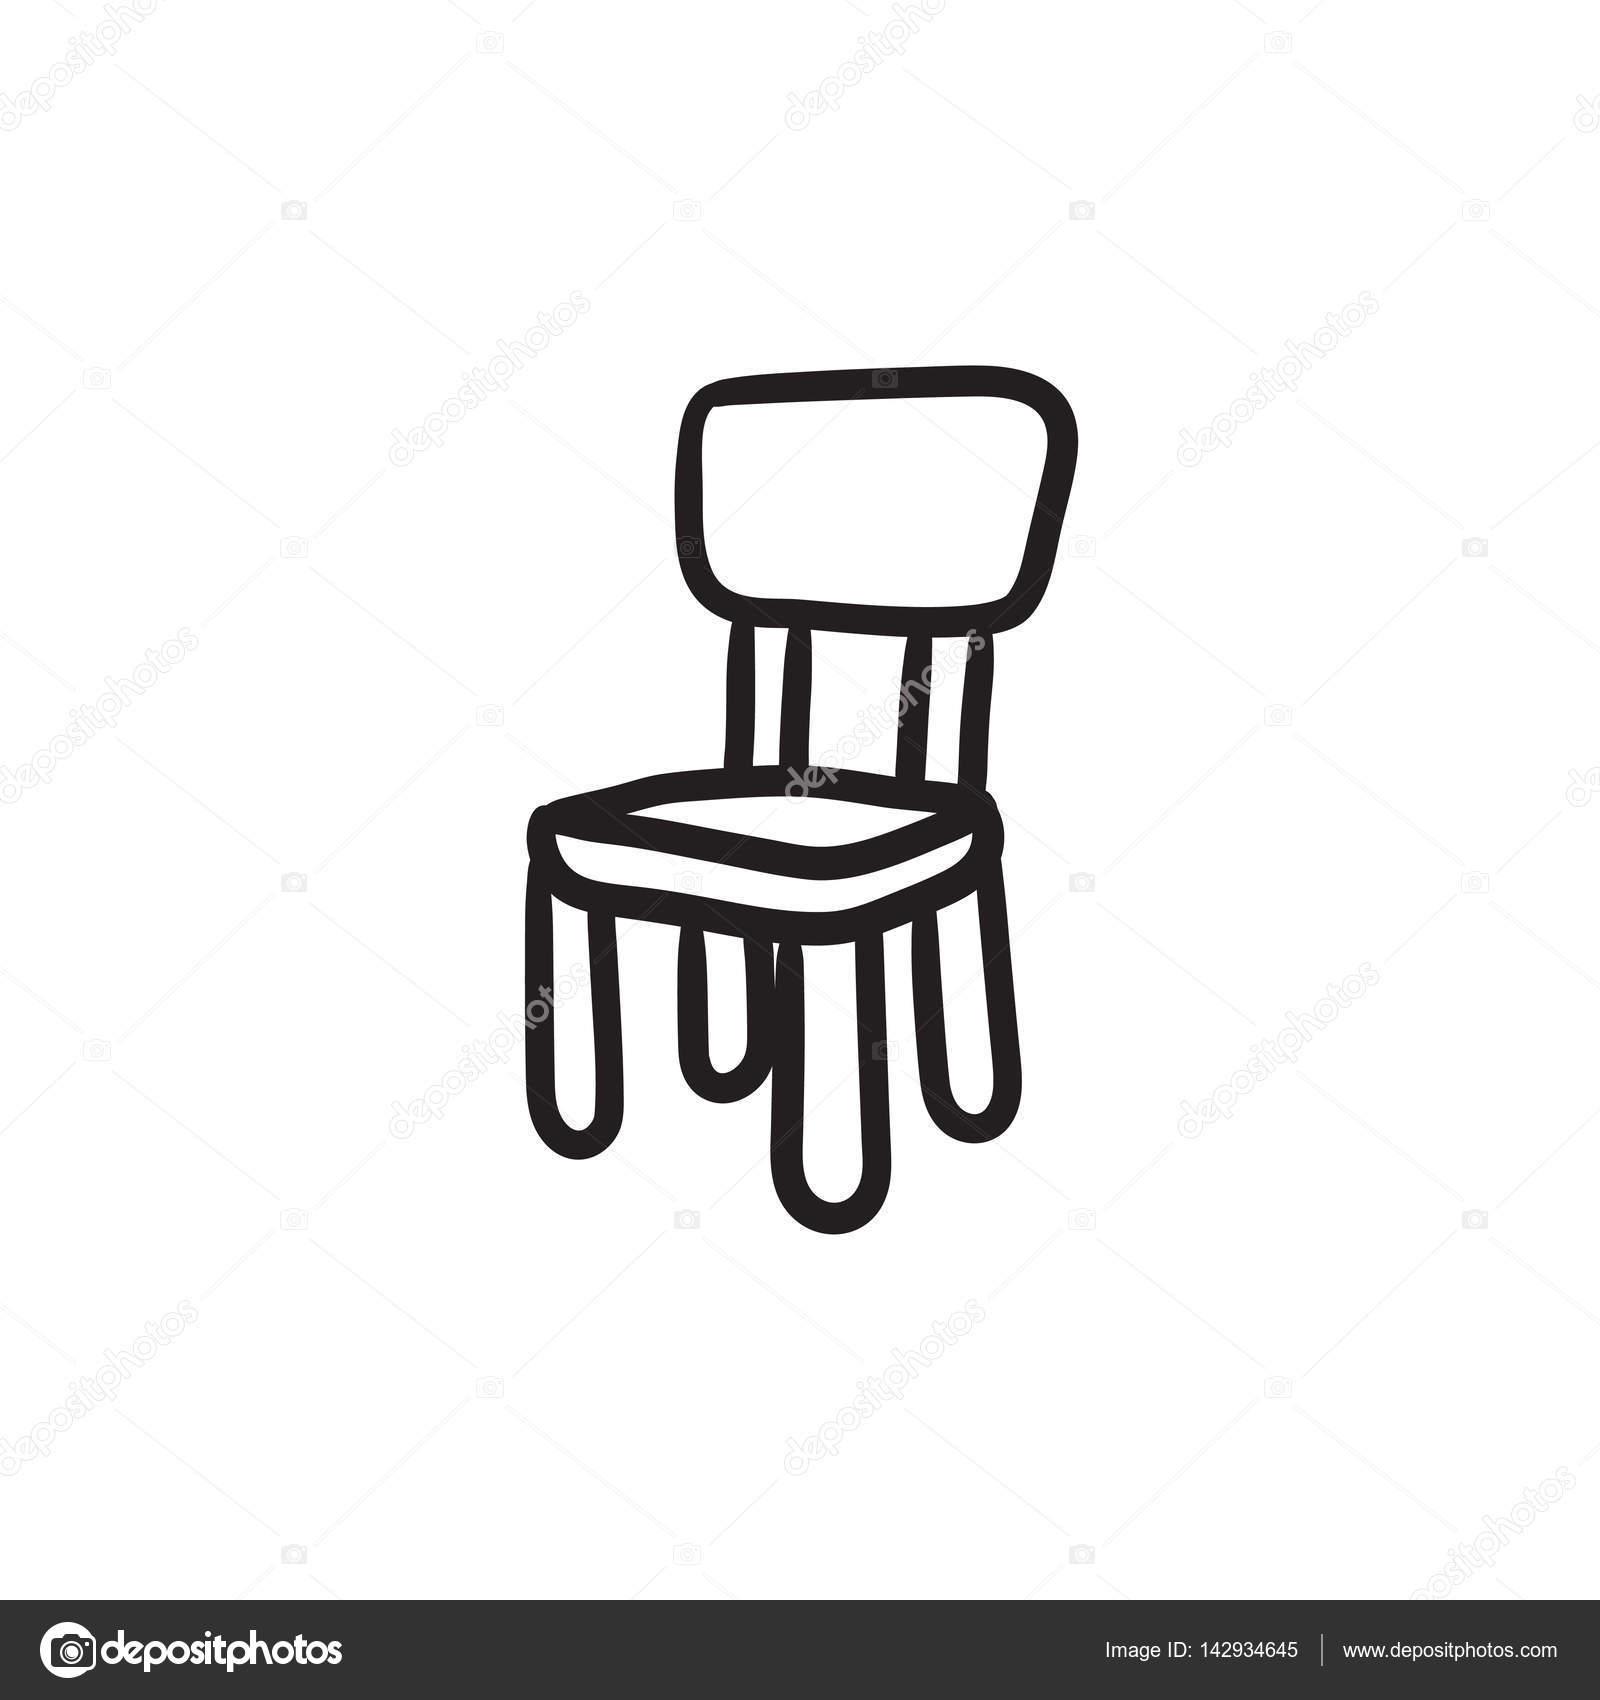 Silla para ni os dibujo icono vector de stock rastudio for Cosevi sillas para ninos 2017